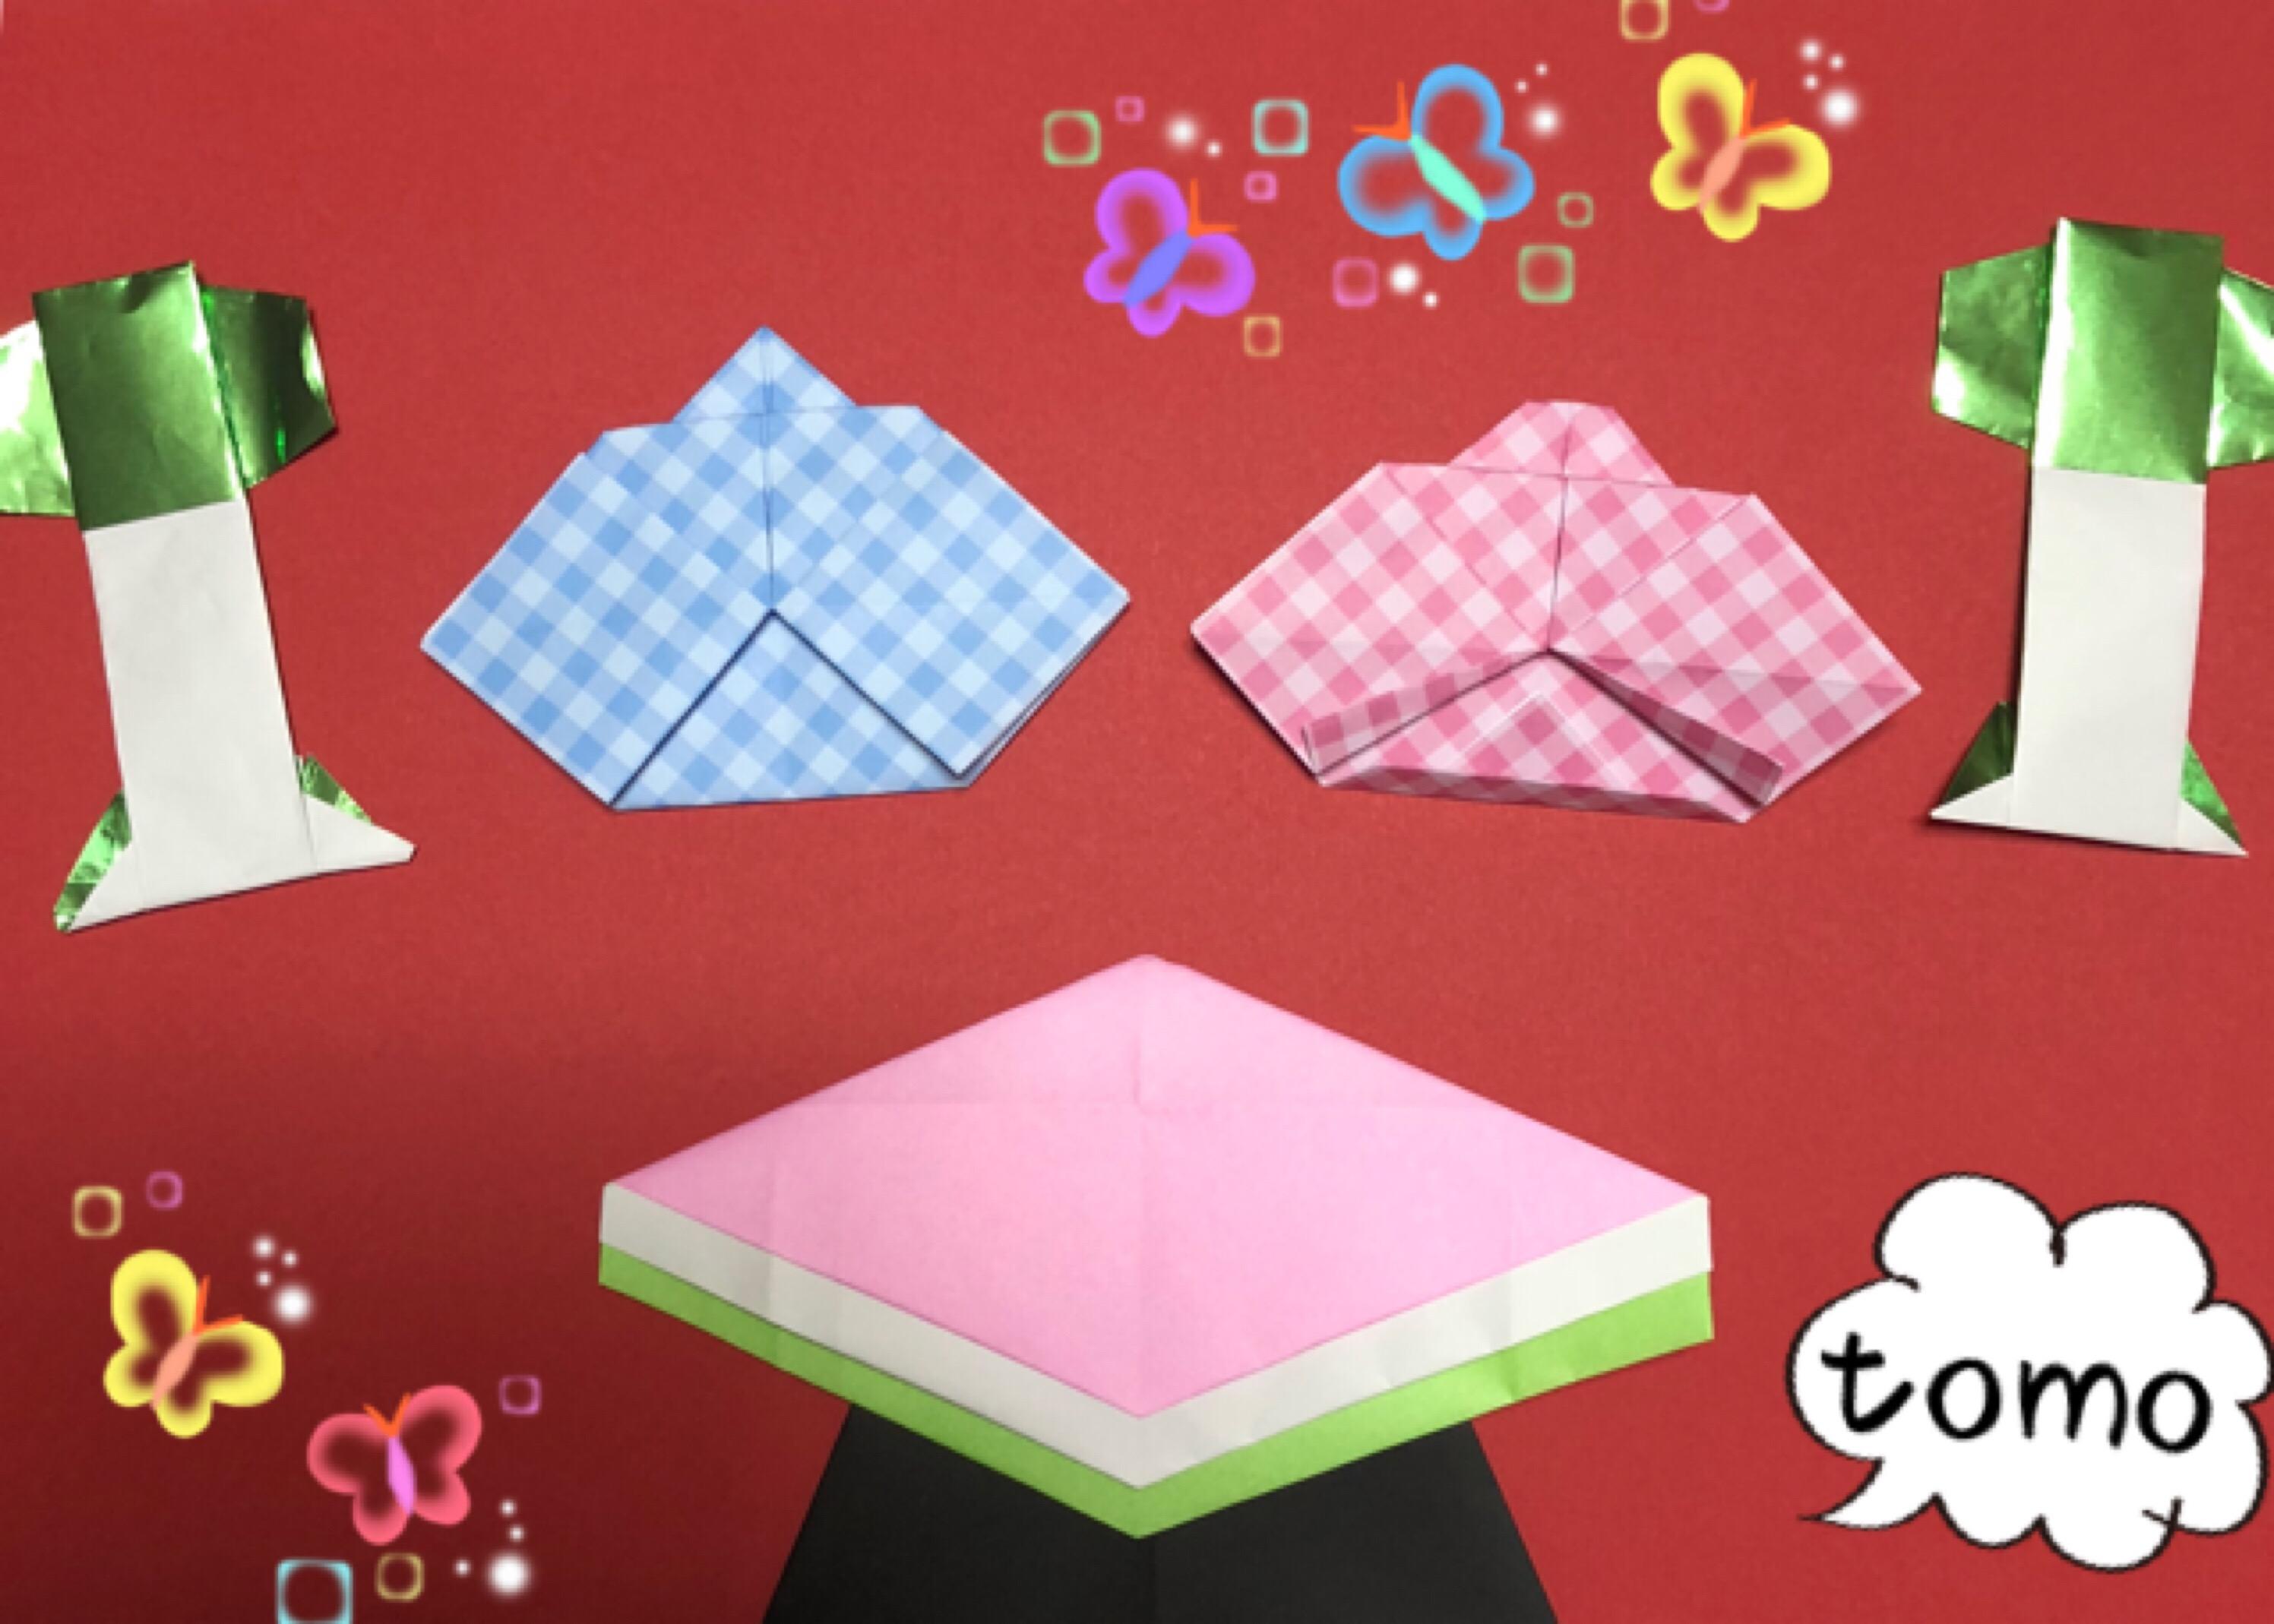 子供でも簡単に折れる!折り紙でひな祭りセットを折ろう!